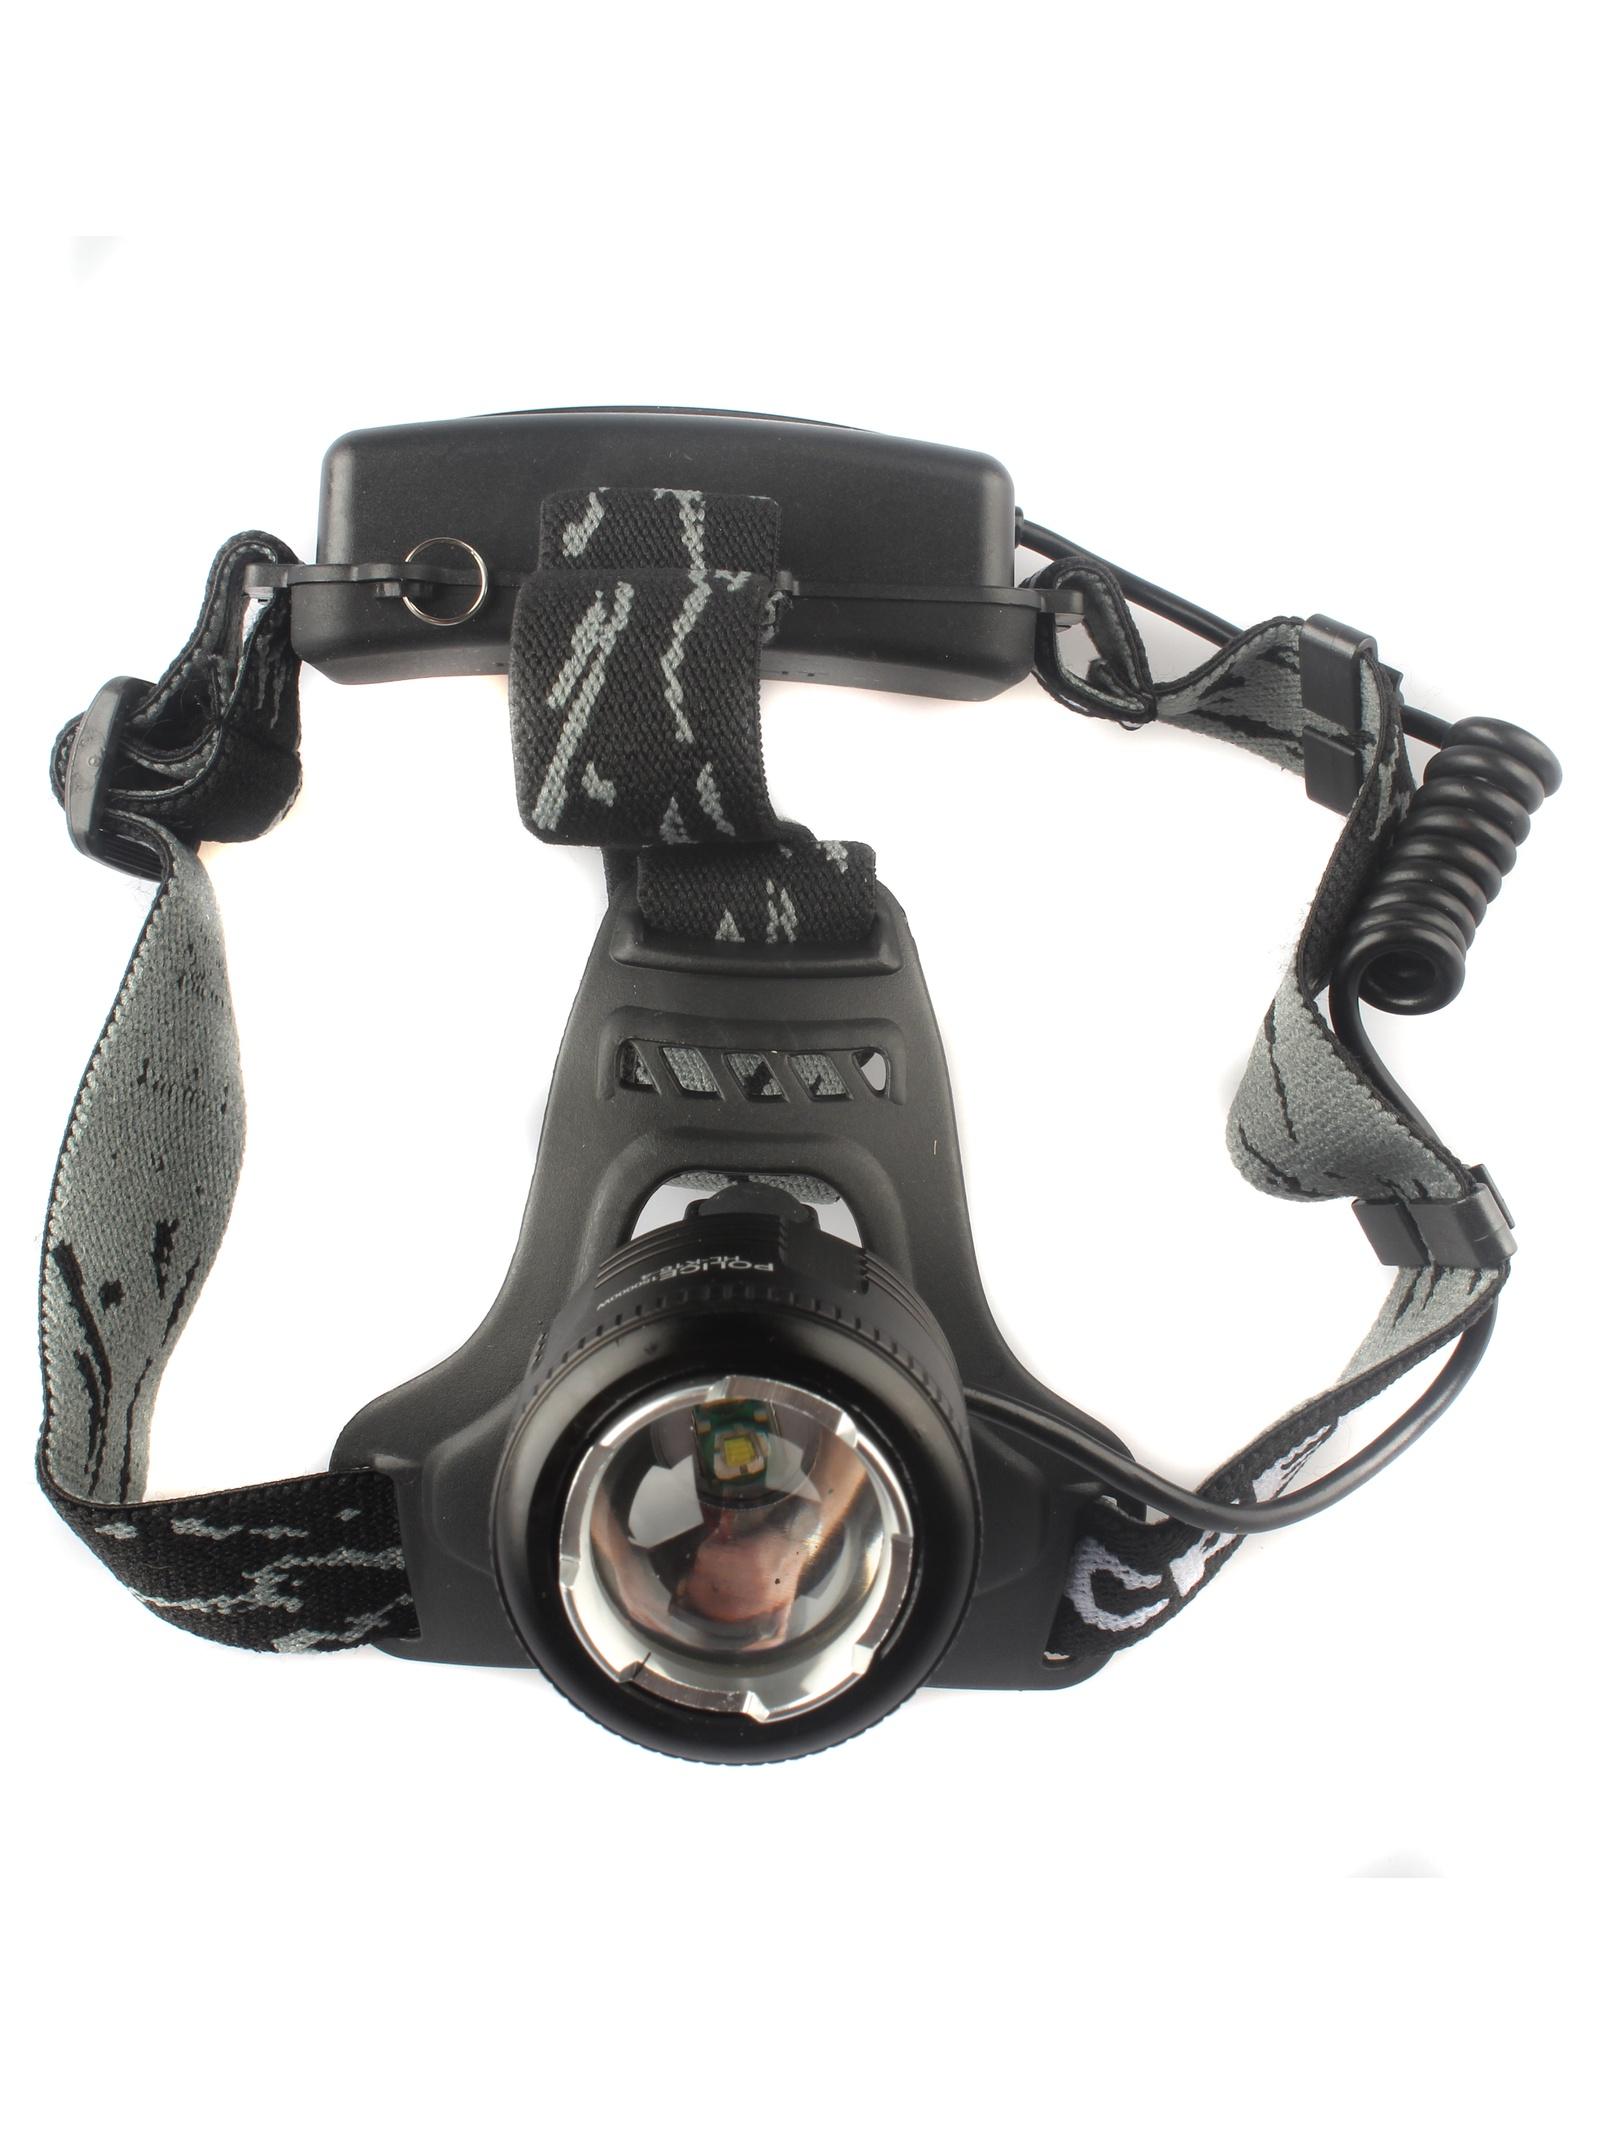 Налобный фонарь TipTop HL-K16-4, темно-серый